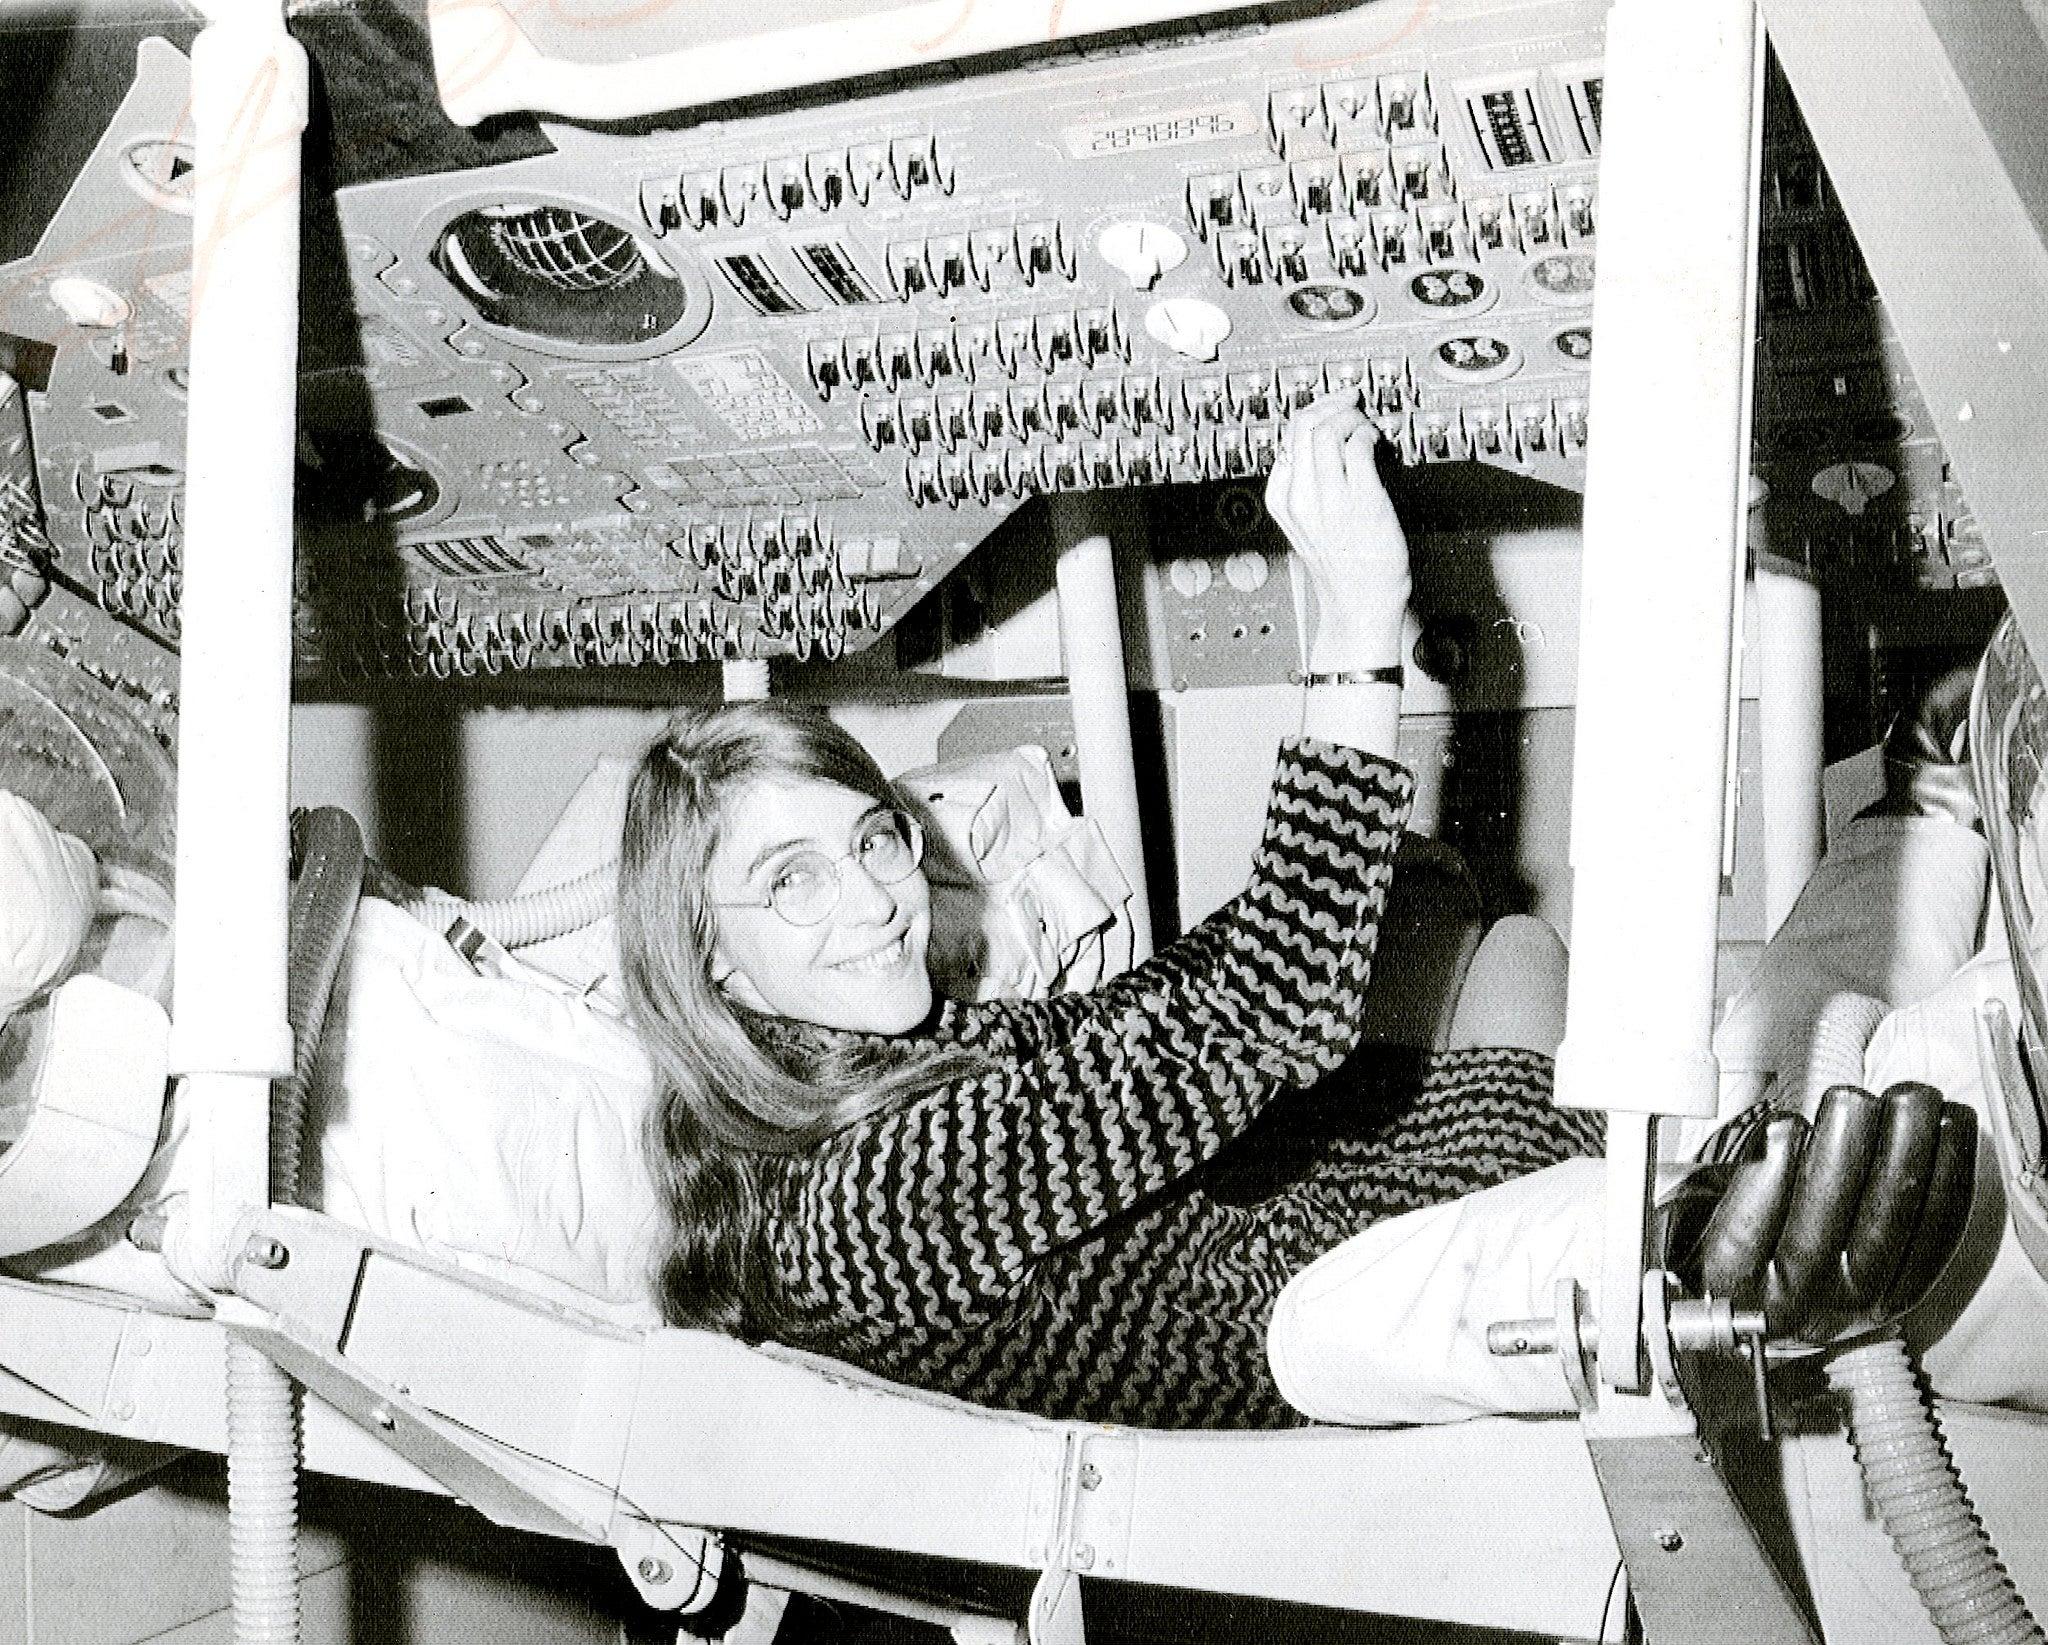 Margaret Hamilton in the Apollo Command Module (NASA)